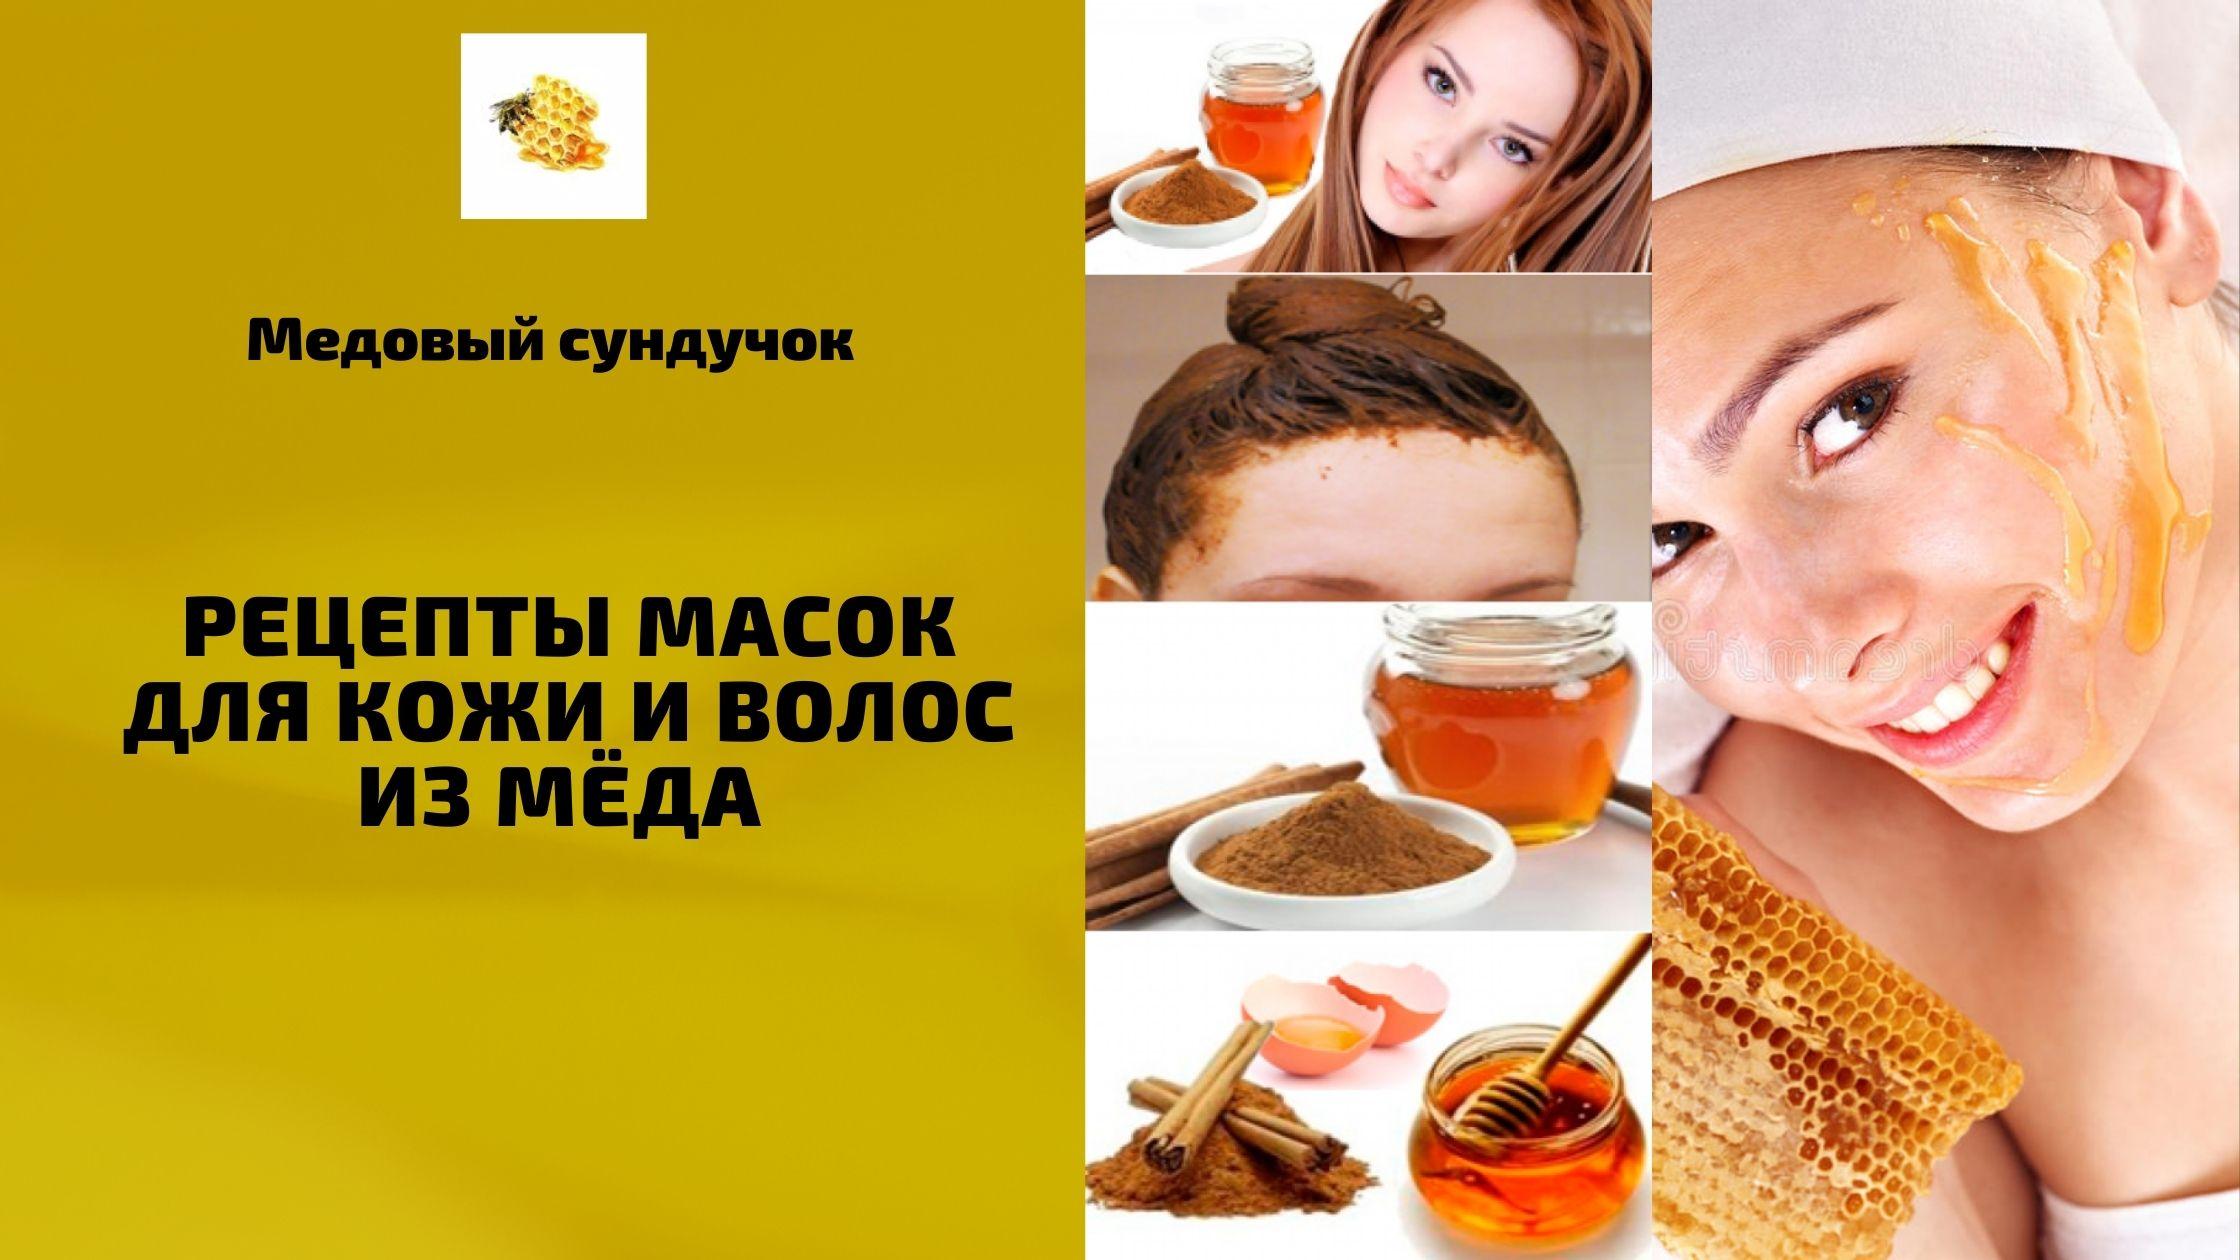 Рецепты масок для кожи и волос из мёда